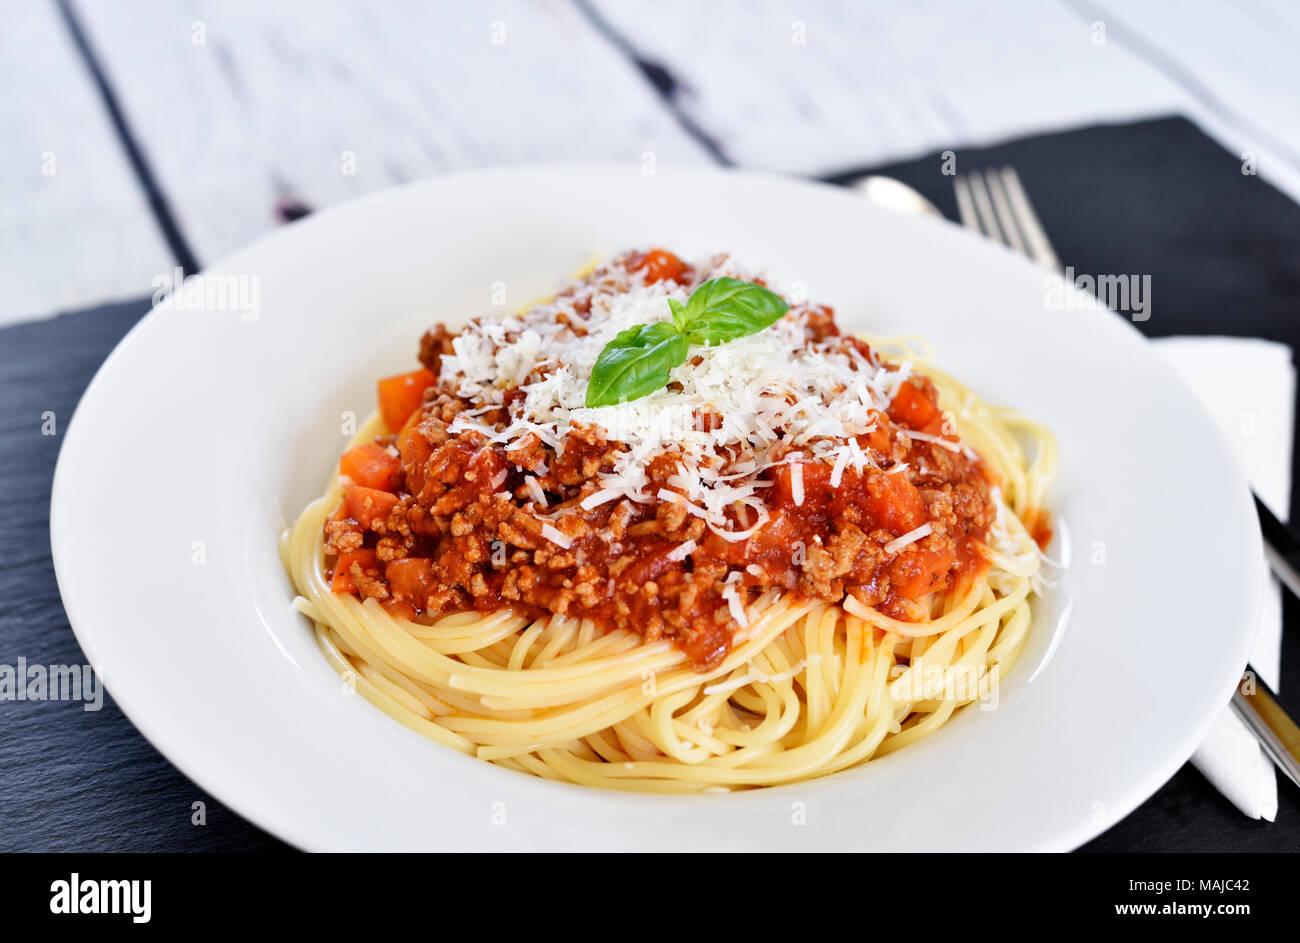 Deliciosa pasta italiana, comida, los espaguetis a la boloñesa sobre una placa blanca. Plato de pasta, comida italiana tradicional con queso parmesano, carne picada y hojas de albahaca. Imagen De Stock